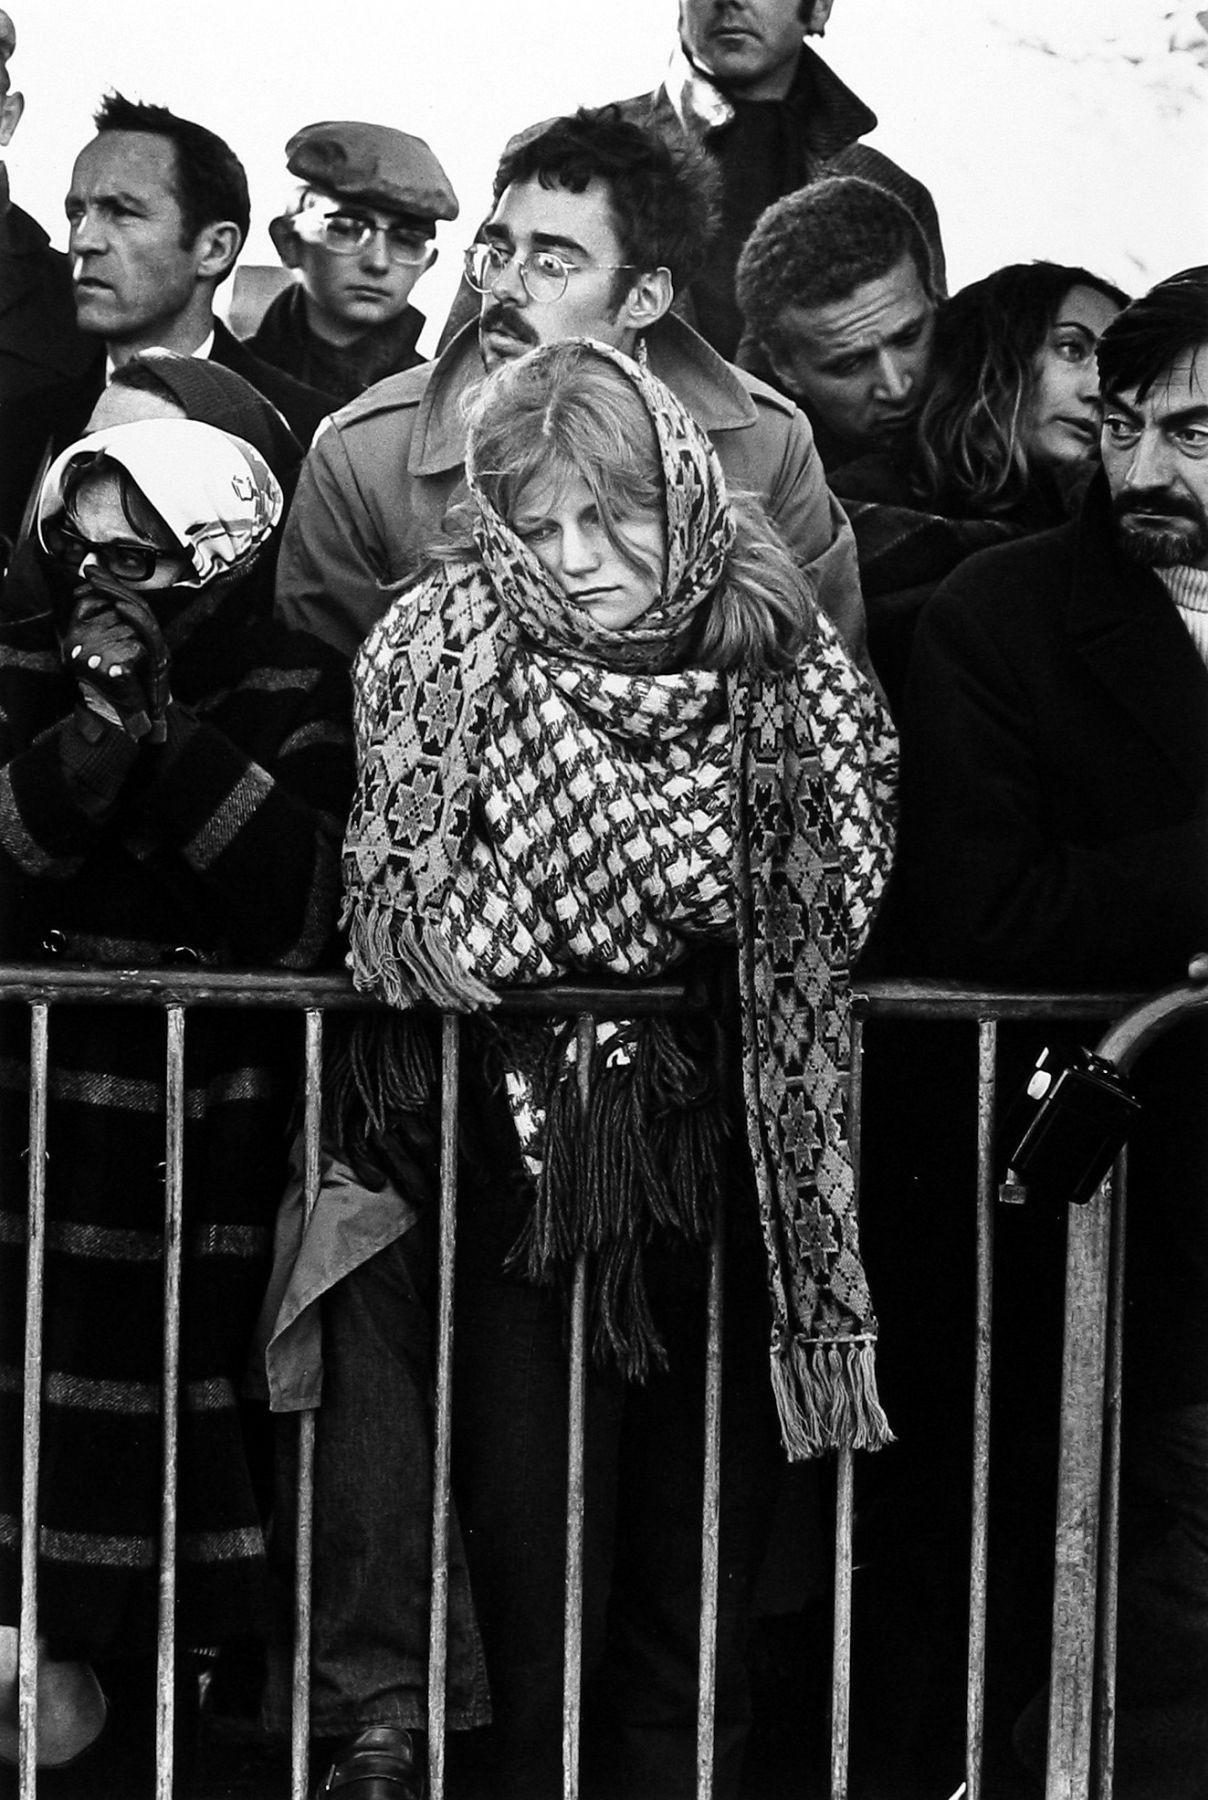 Похороны Шарля де Голля. Коломбе-ле-Дёз-Эглиз, Франция, 1970. Фотограф Мартина Франк